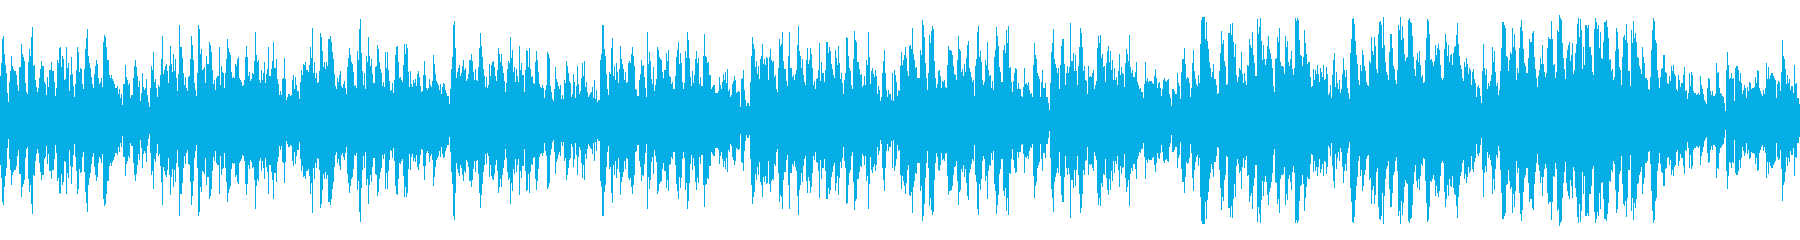 コミカル  オーケストラ 音楽の再生済みの波形